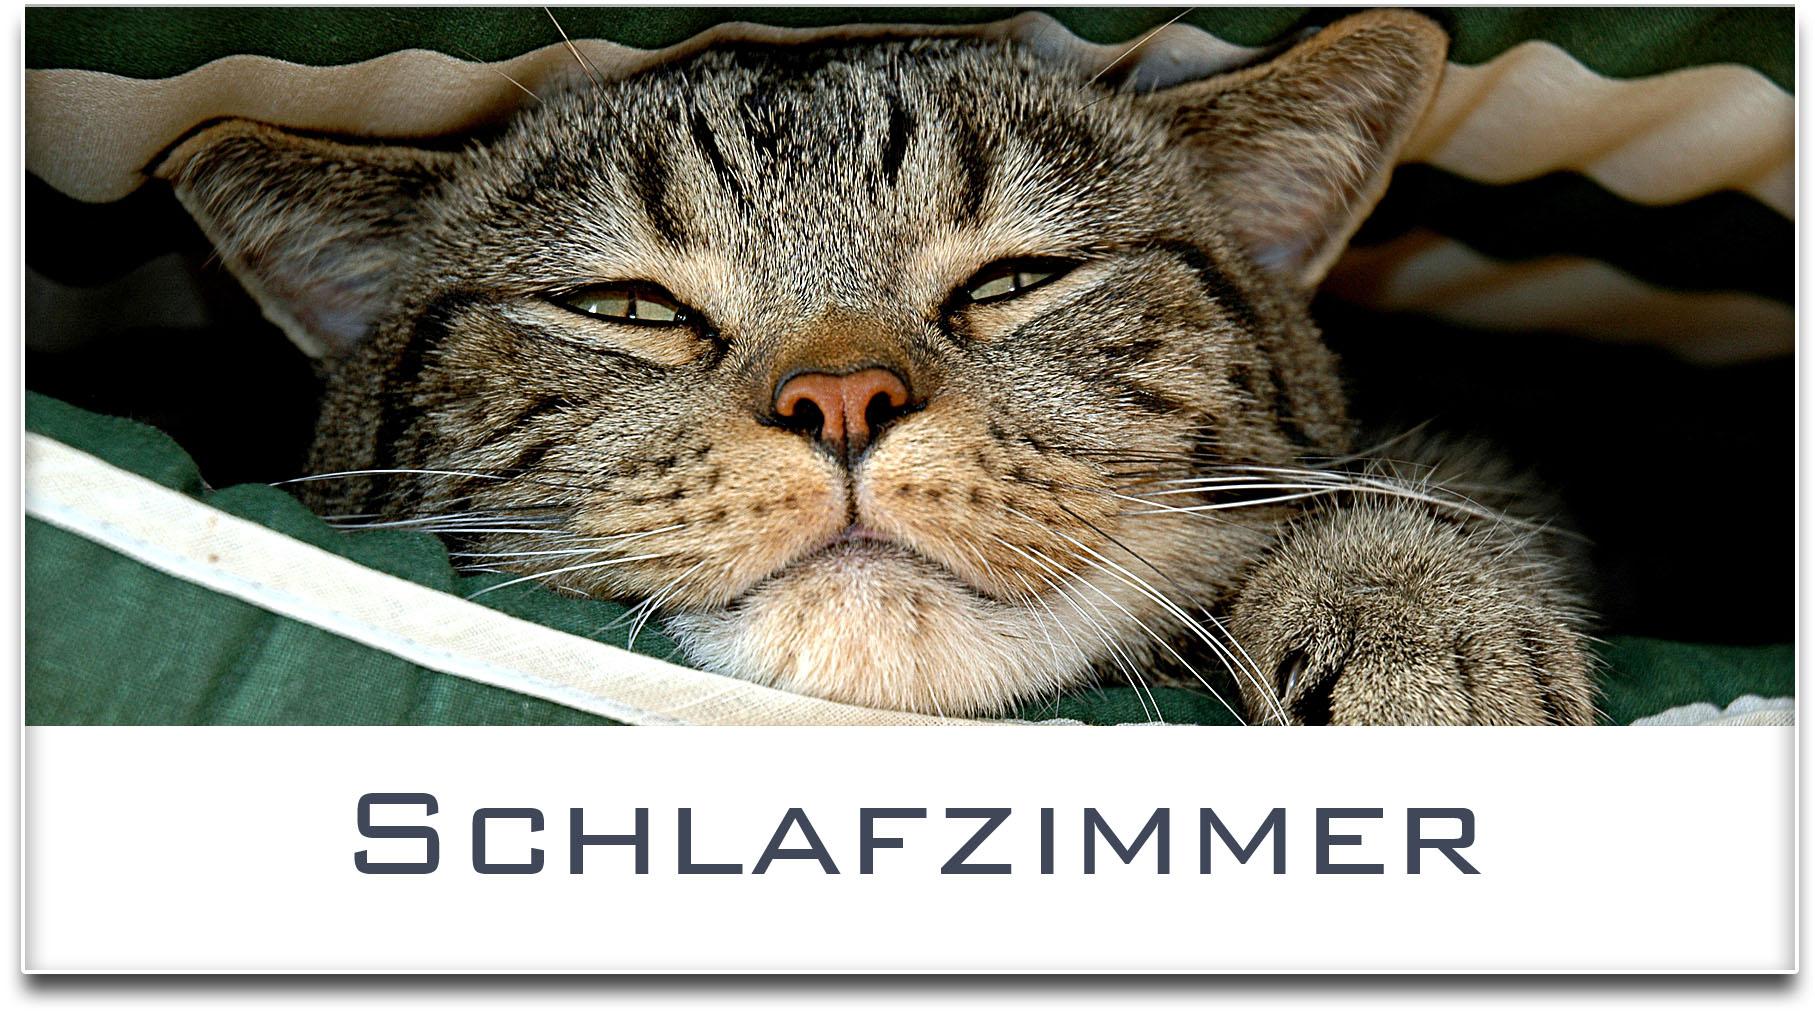 Türschild / Haustürschild / Katze / Schlafzimmer / Selbstklebend